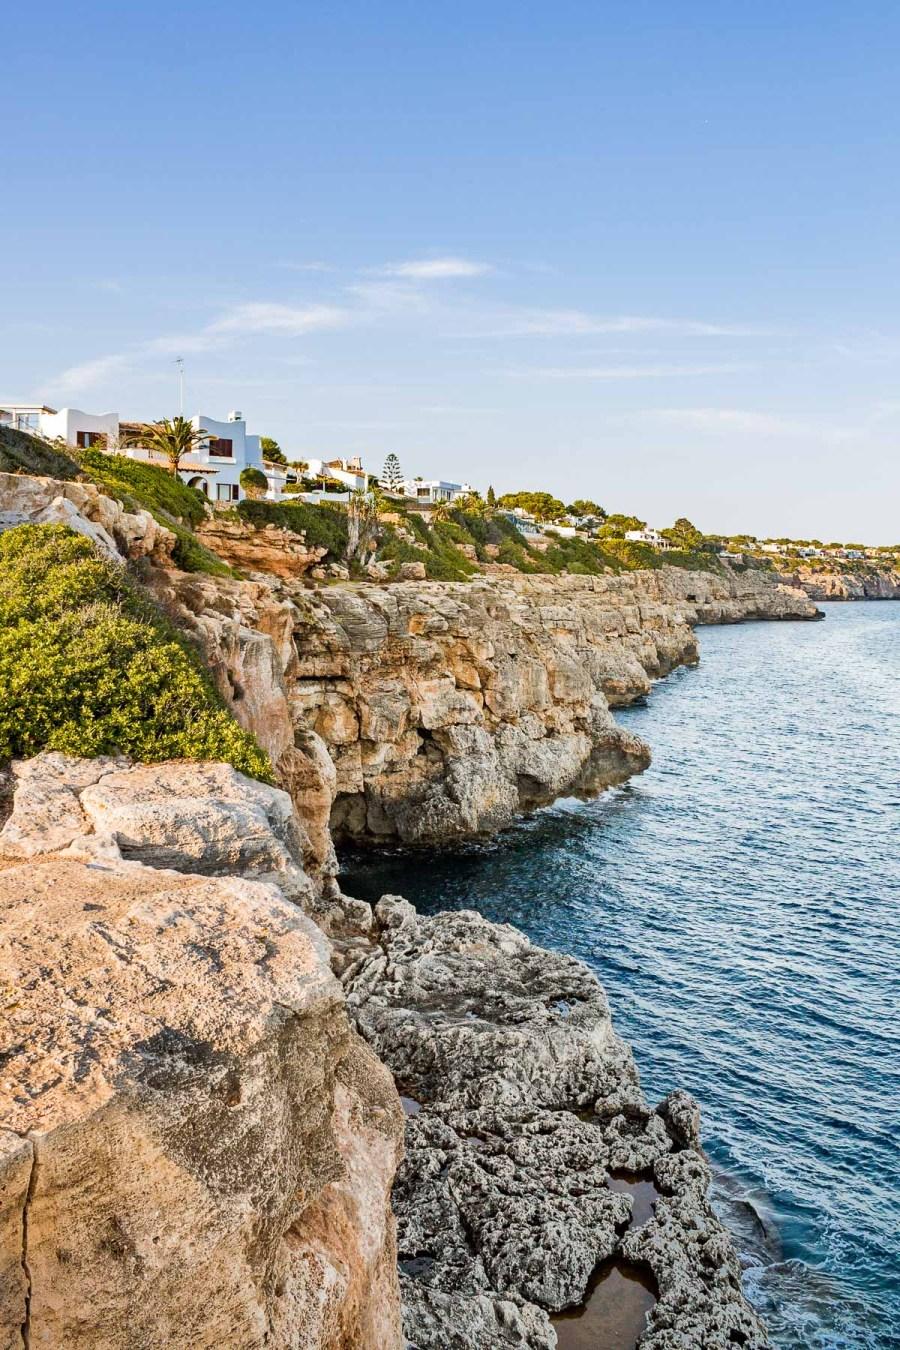 The coastline at Cala Pi in Mallorca